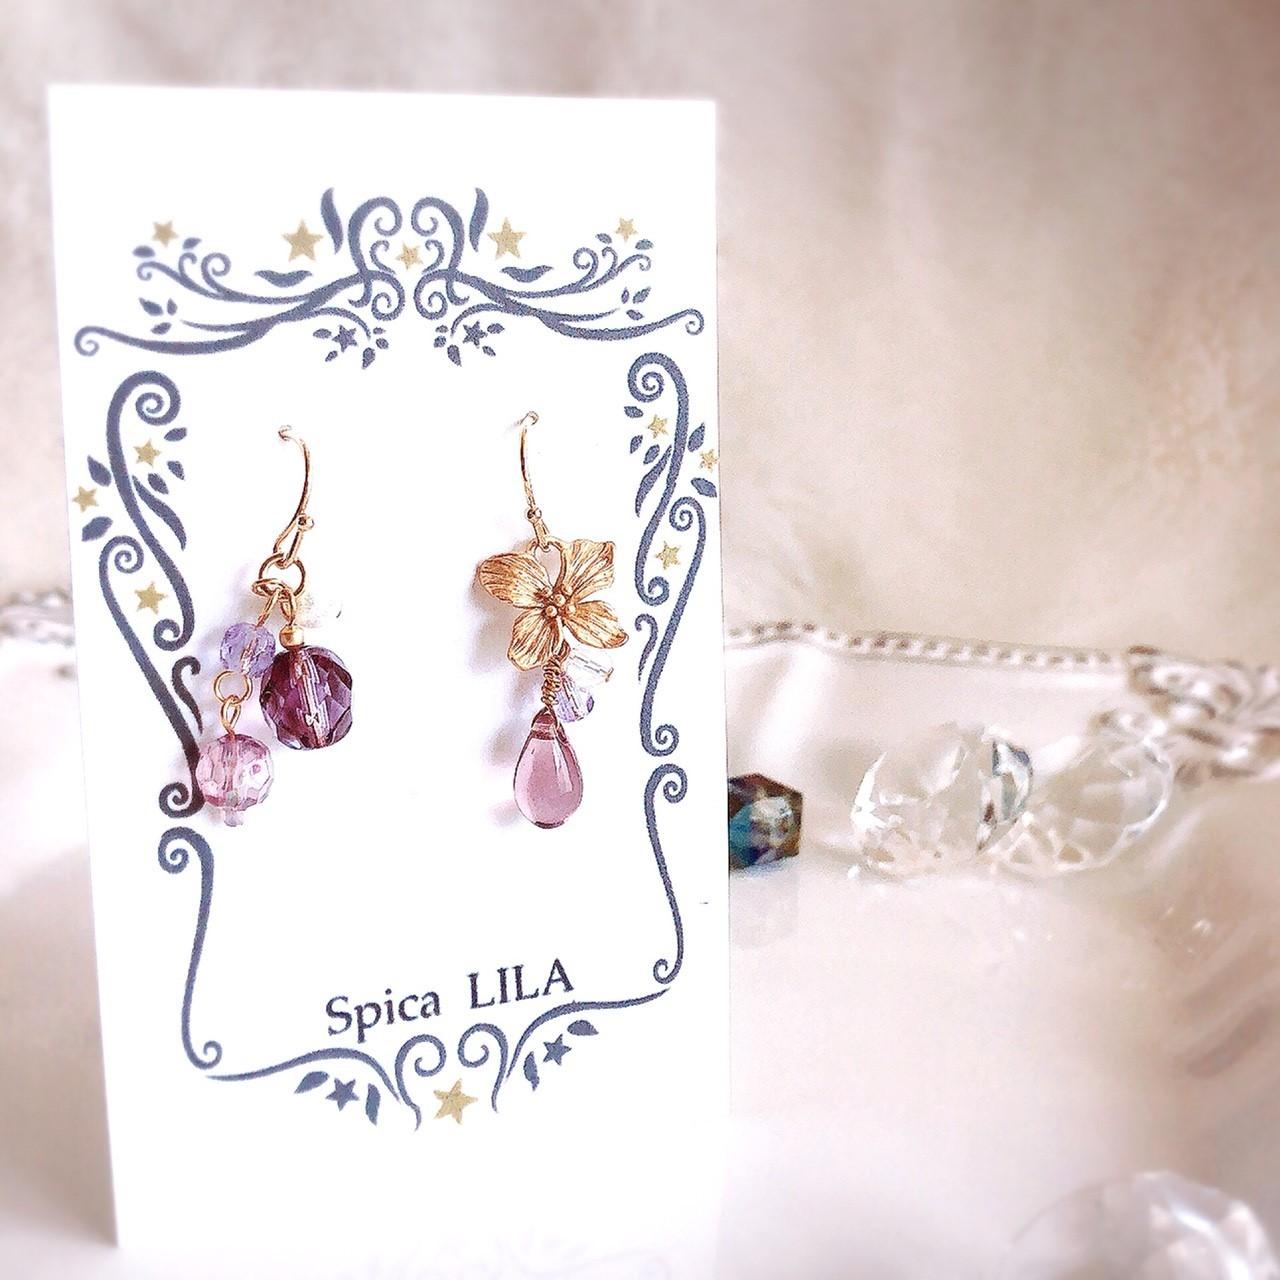 【Spica LILA】花しずくのピアス(パープル)  p1703001